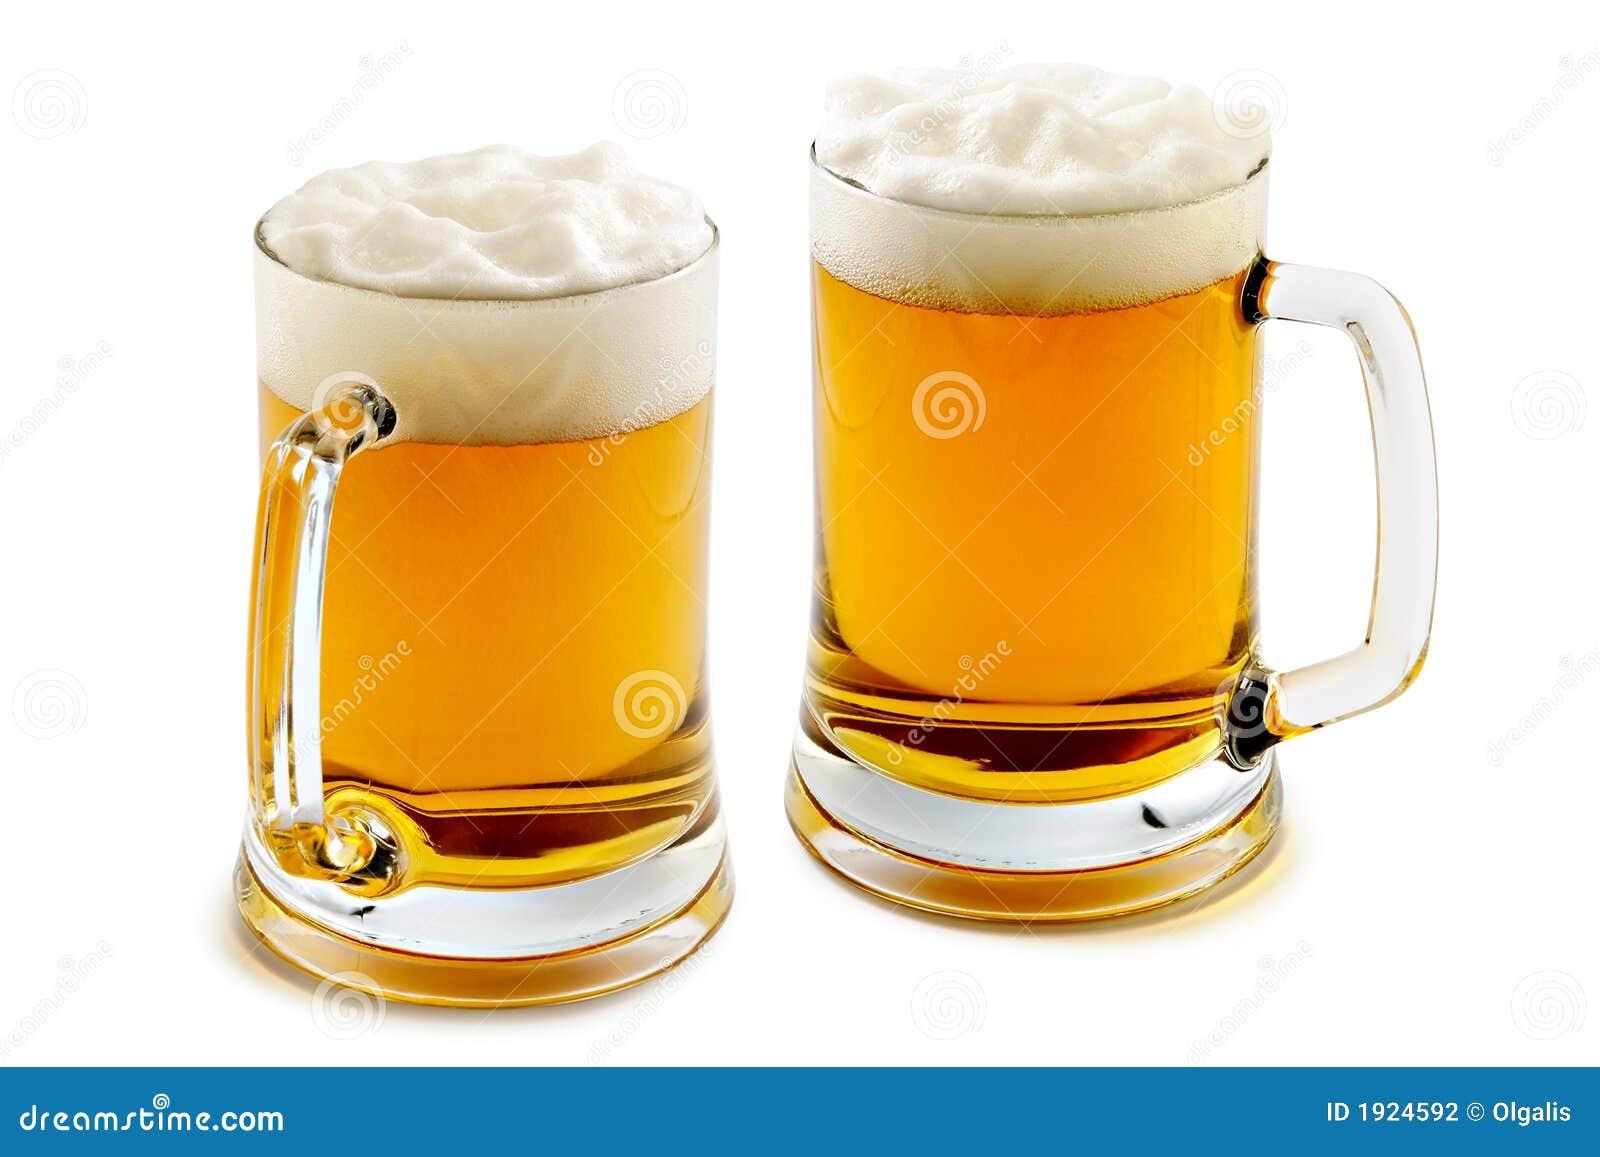 琥珀色的啤酒令人愉快的杯子二